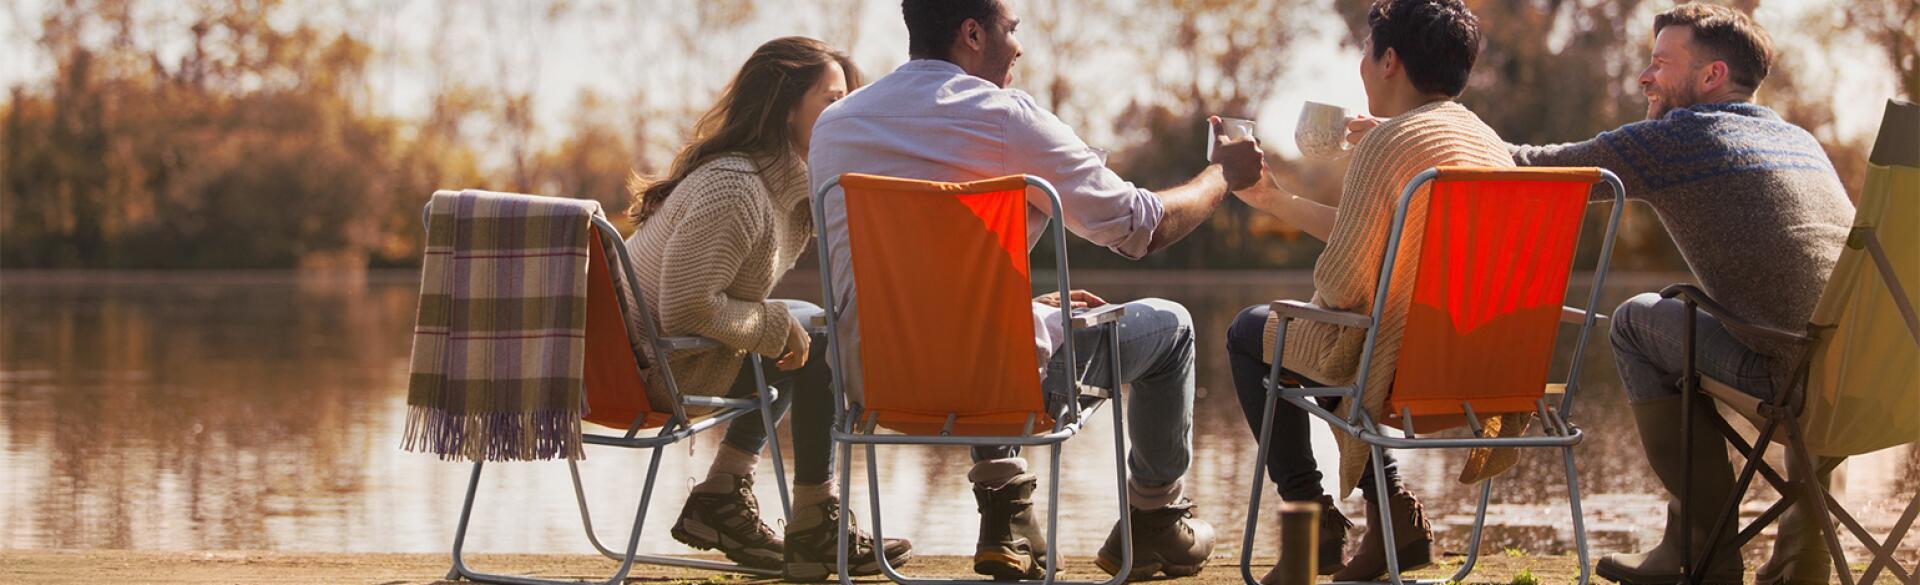 AARP, The Girlfriend, Weekend Getaway, Travel, Friends, Road trip, weekend vacation